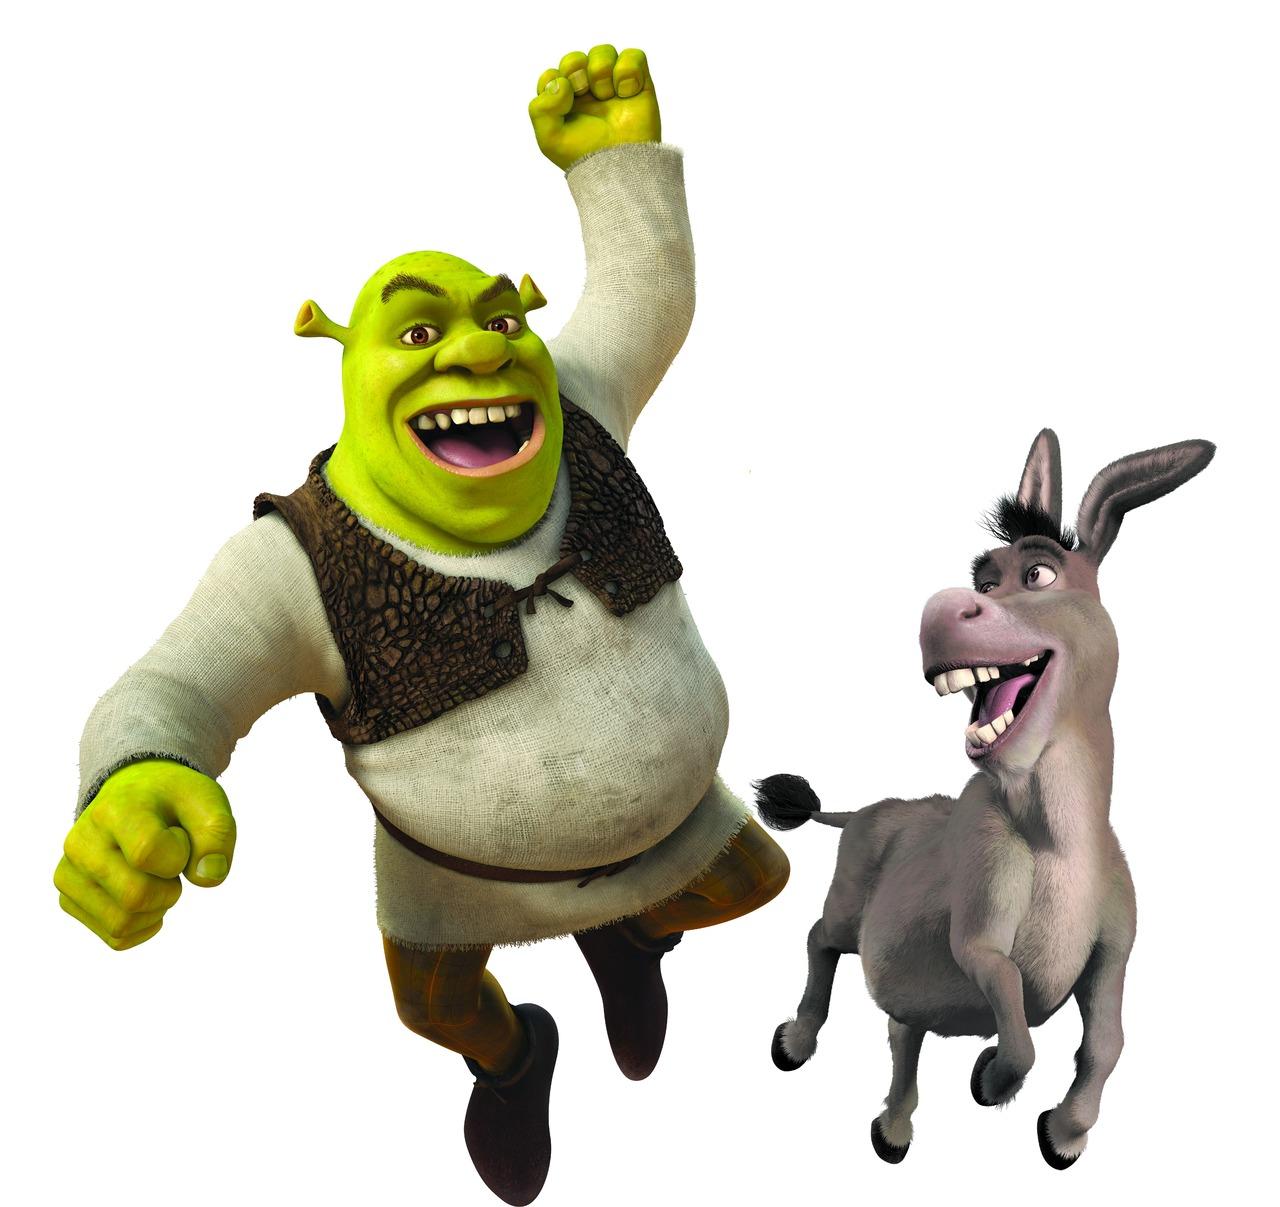 pin Donkey clipart shrek donkey #10 - Shrek Donkey PNG